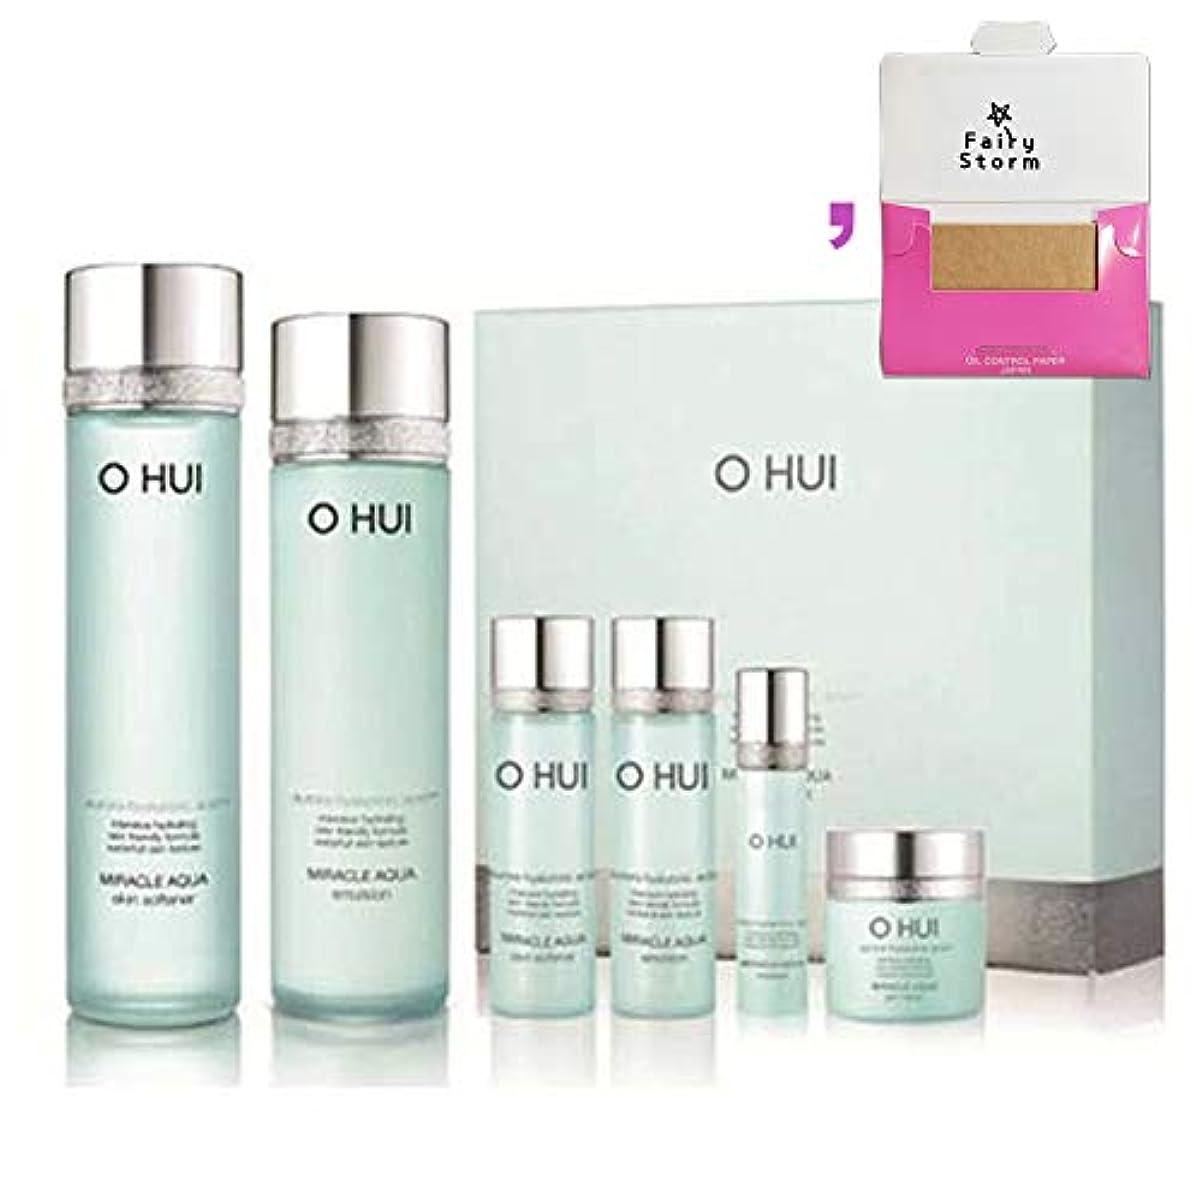 頭男やもめ動的[オフィ/O HUI]韓国化粧品LG生活健康/O HUI MIRACLE AQUA SPECIAL 2EA SET/ミラクルアクア 2種セット+[Sample Gift](海外直送品)